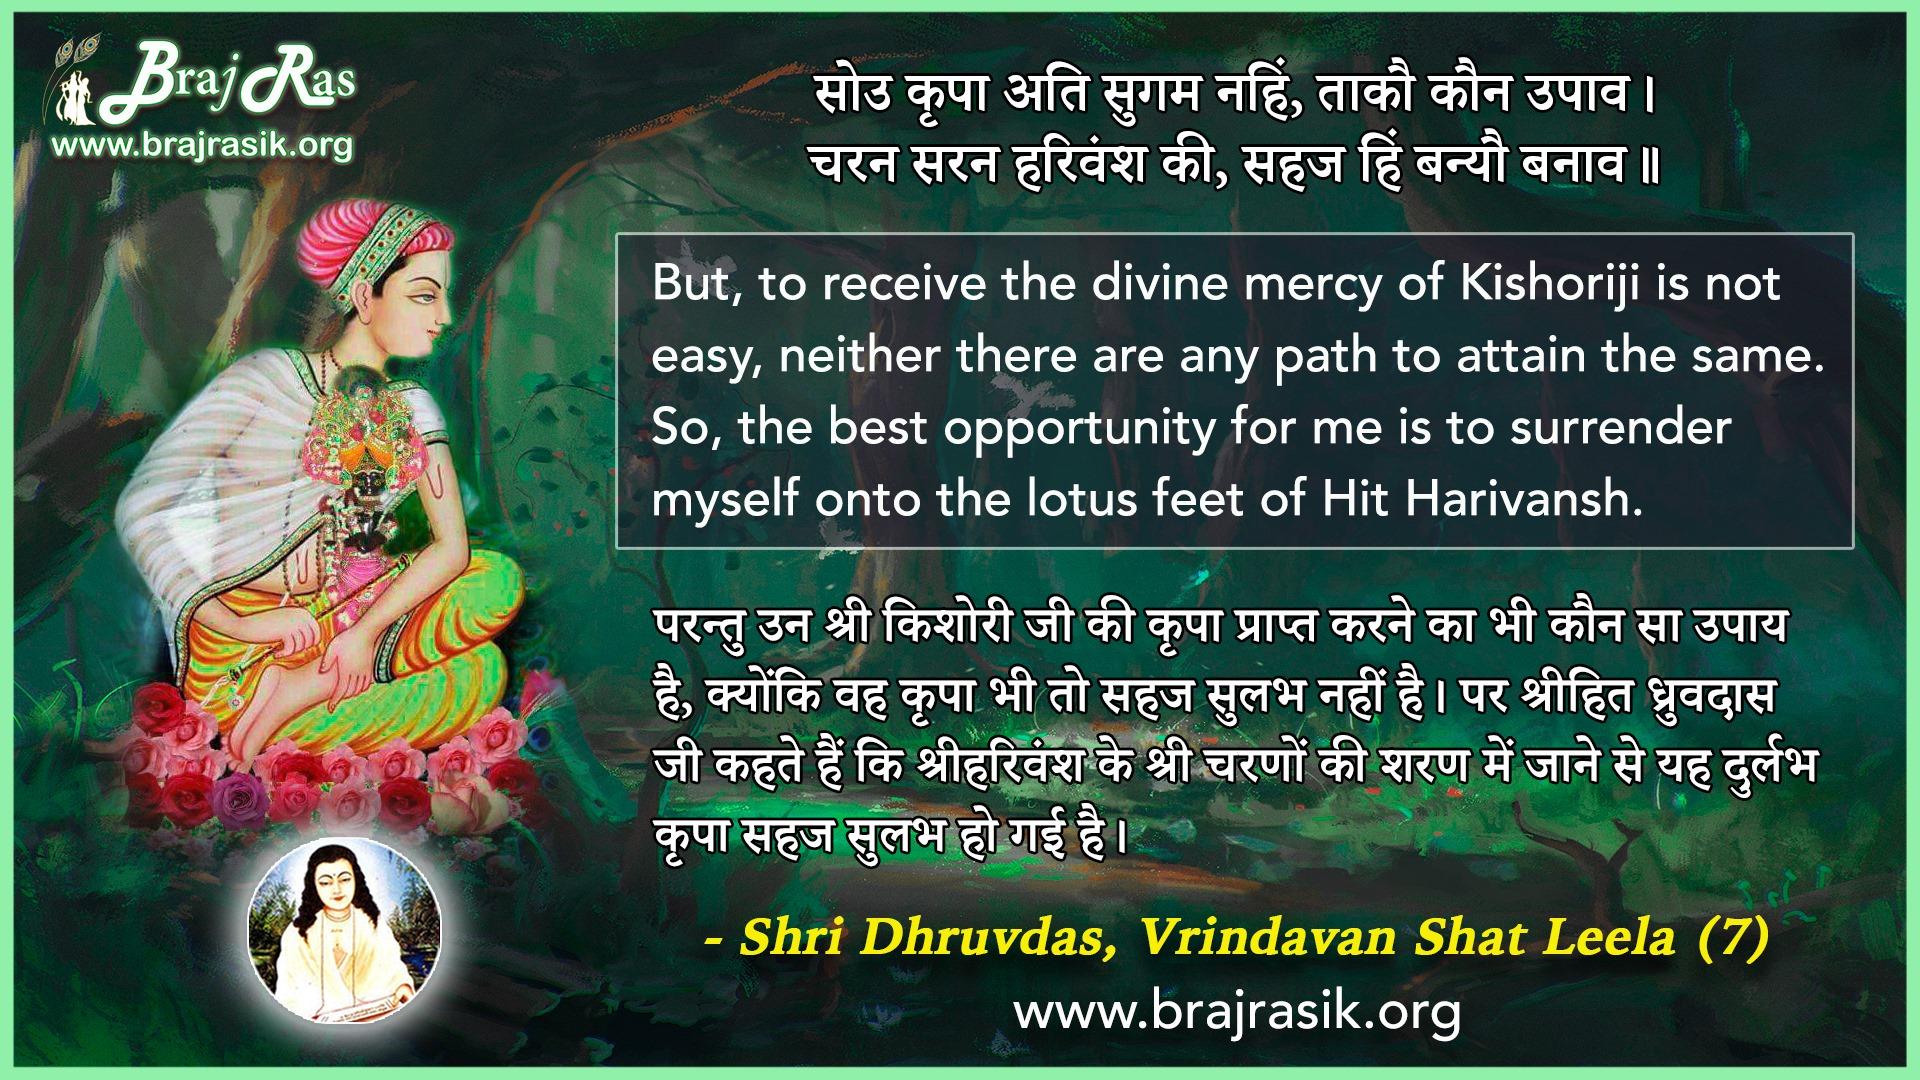 Sou Kripa Ati Sugam Nahin - Shri Dhruvdas, Vrindavan Shat Leela (7)